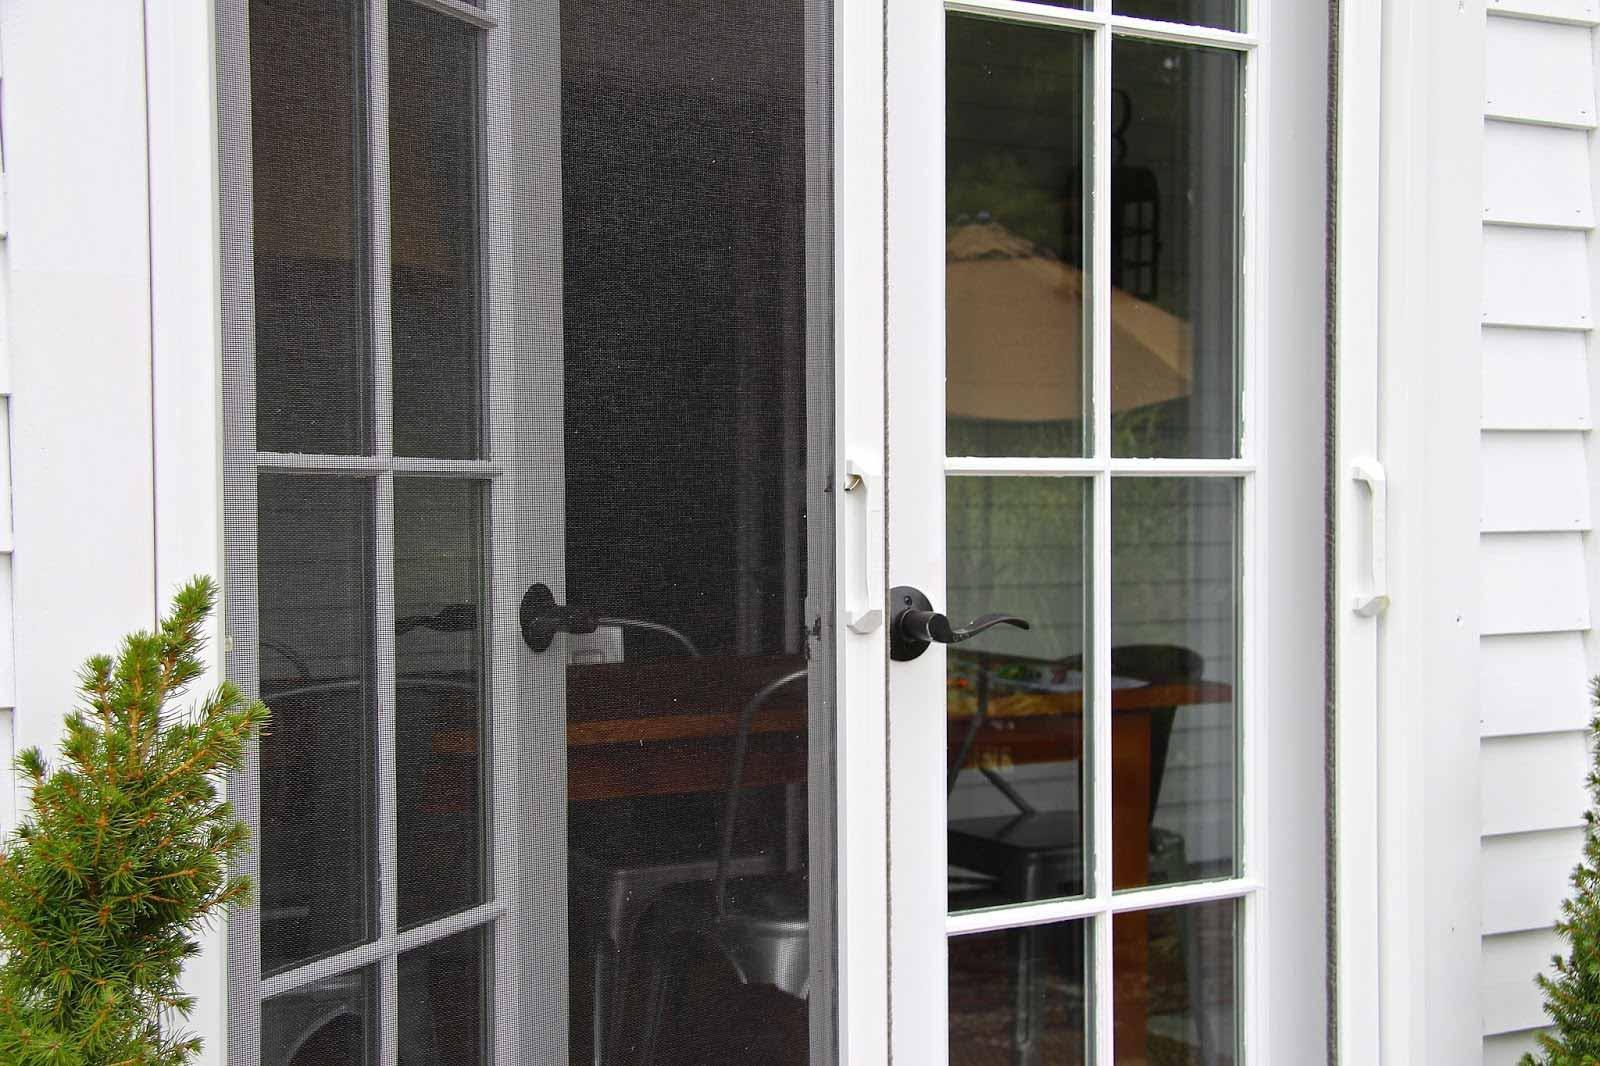 Retractable door screens phantom door screens minnesota screens for Phantom screen door cost